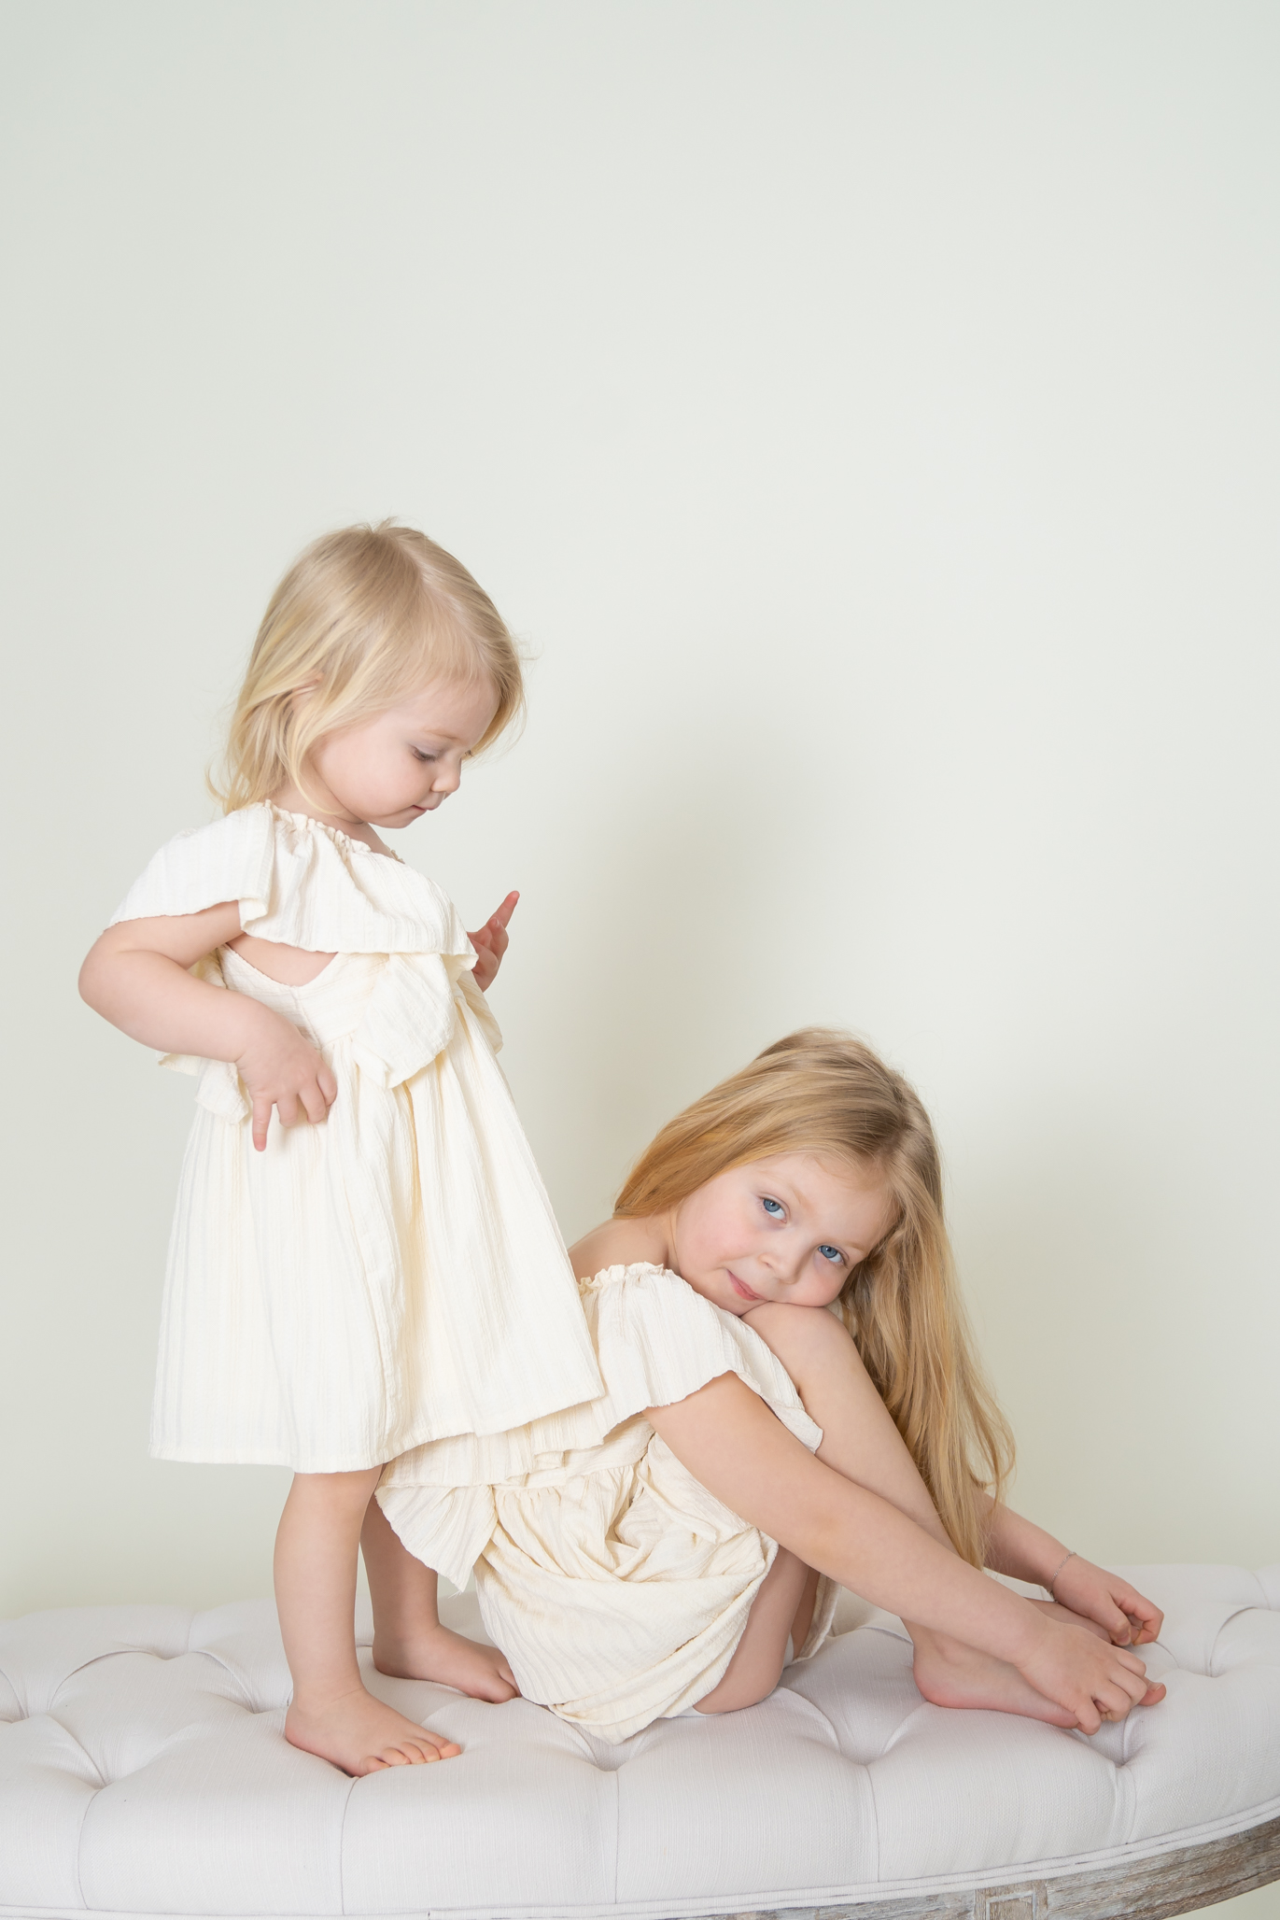 Fotostudio in Borchen spielende Kinder (22)